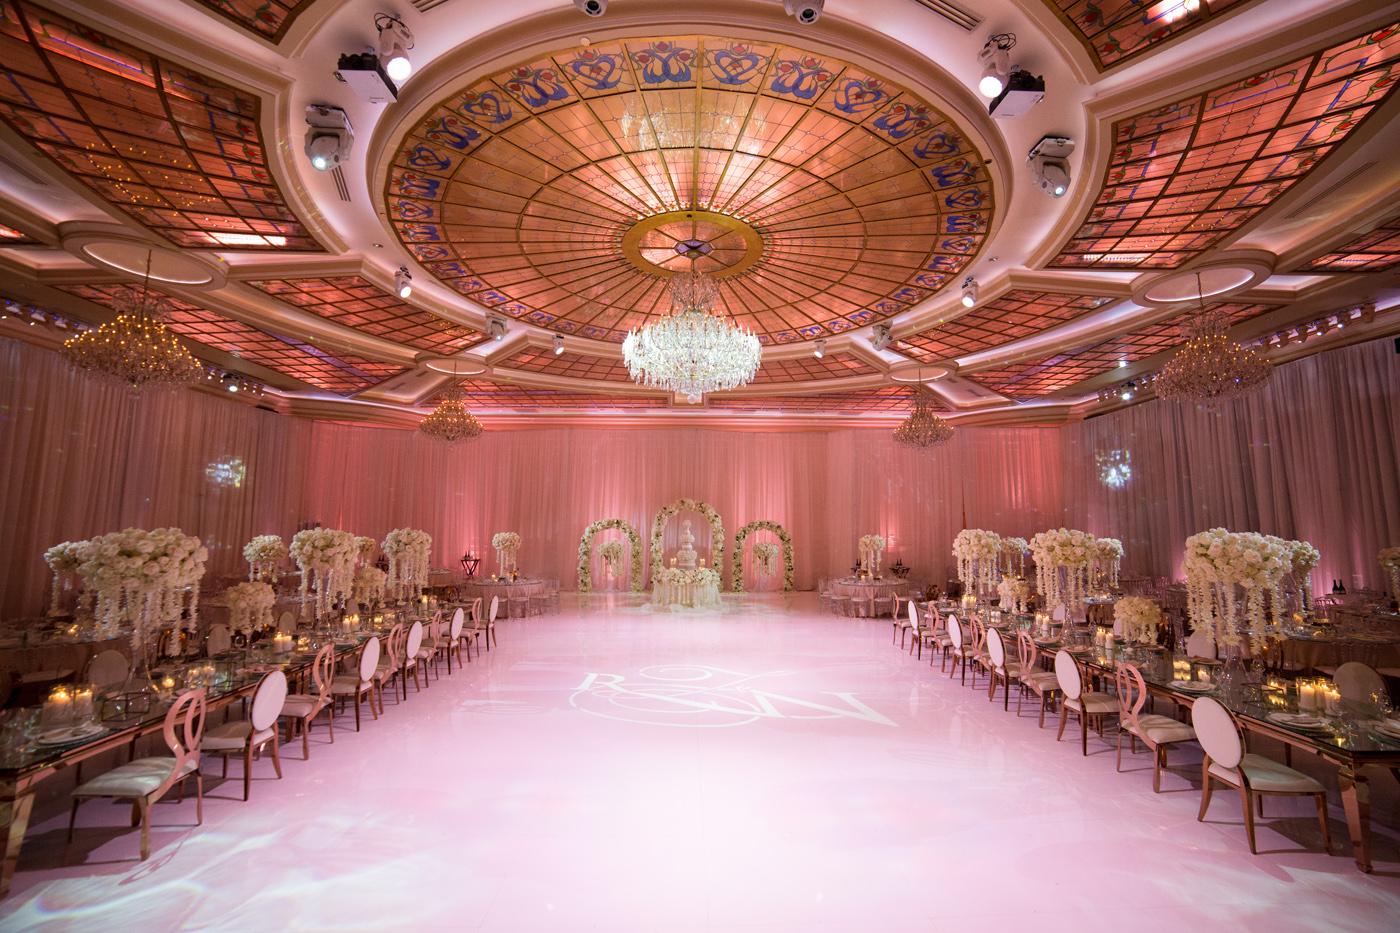 073_DukePhotography_DukeImages_Wedding_Details.jpg